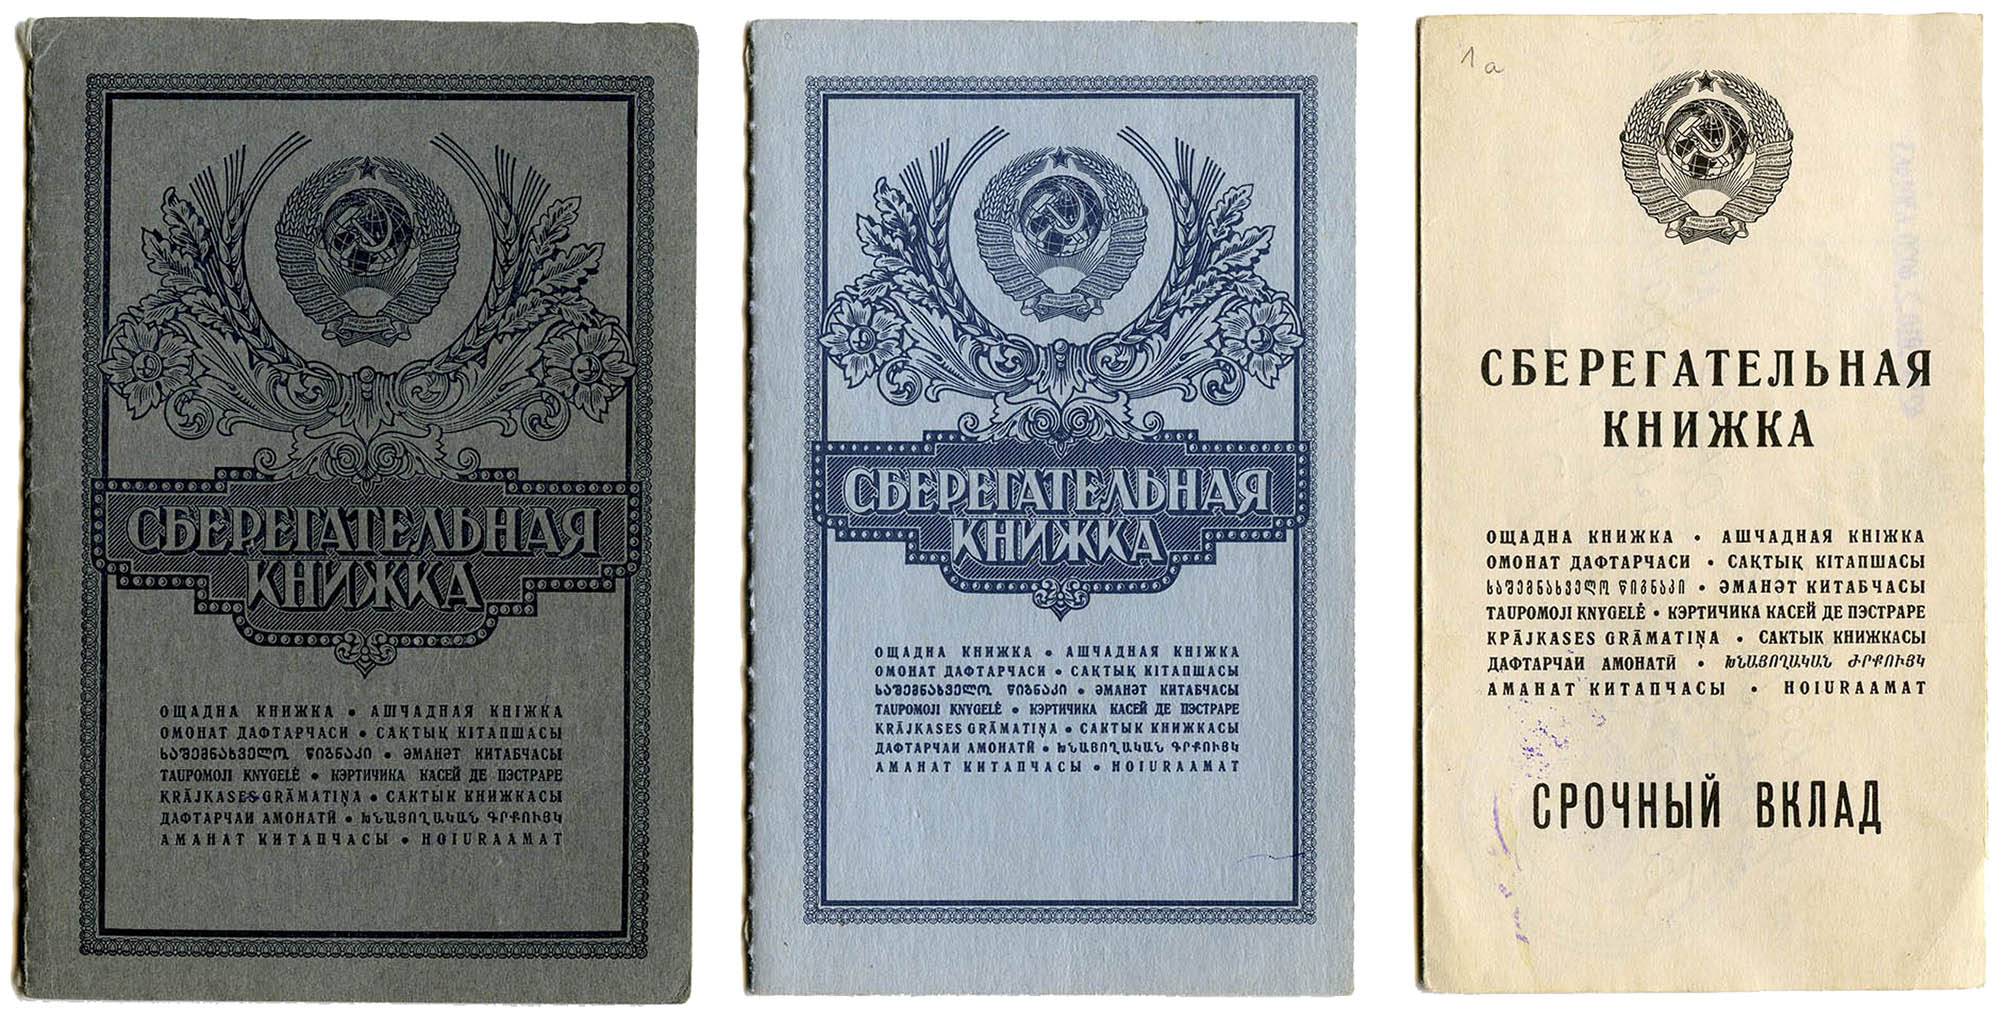 Сберкнижка может выглядеть по-разному: дизайн бланков менялся